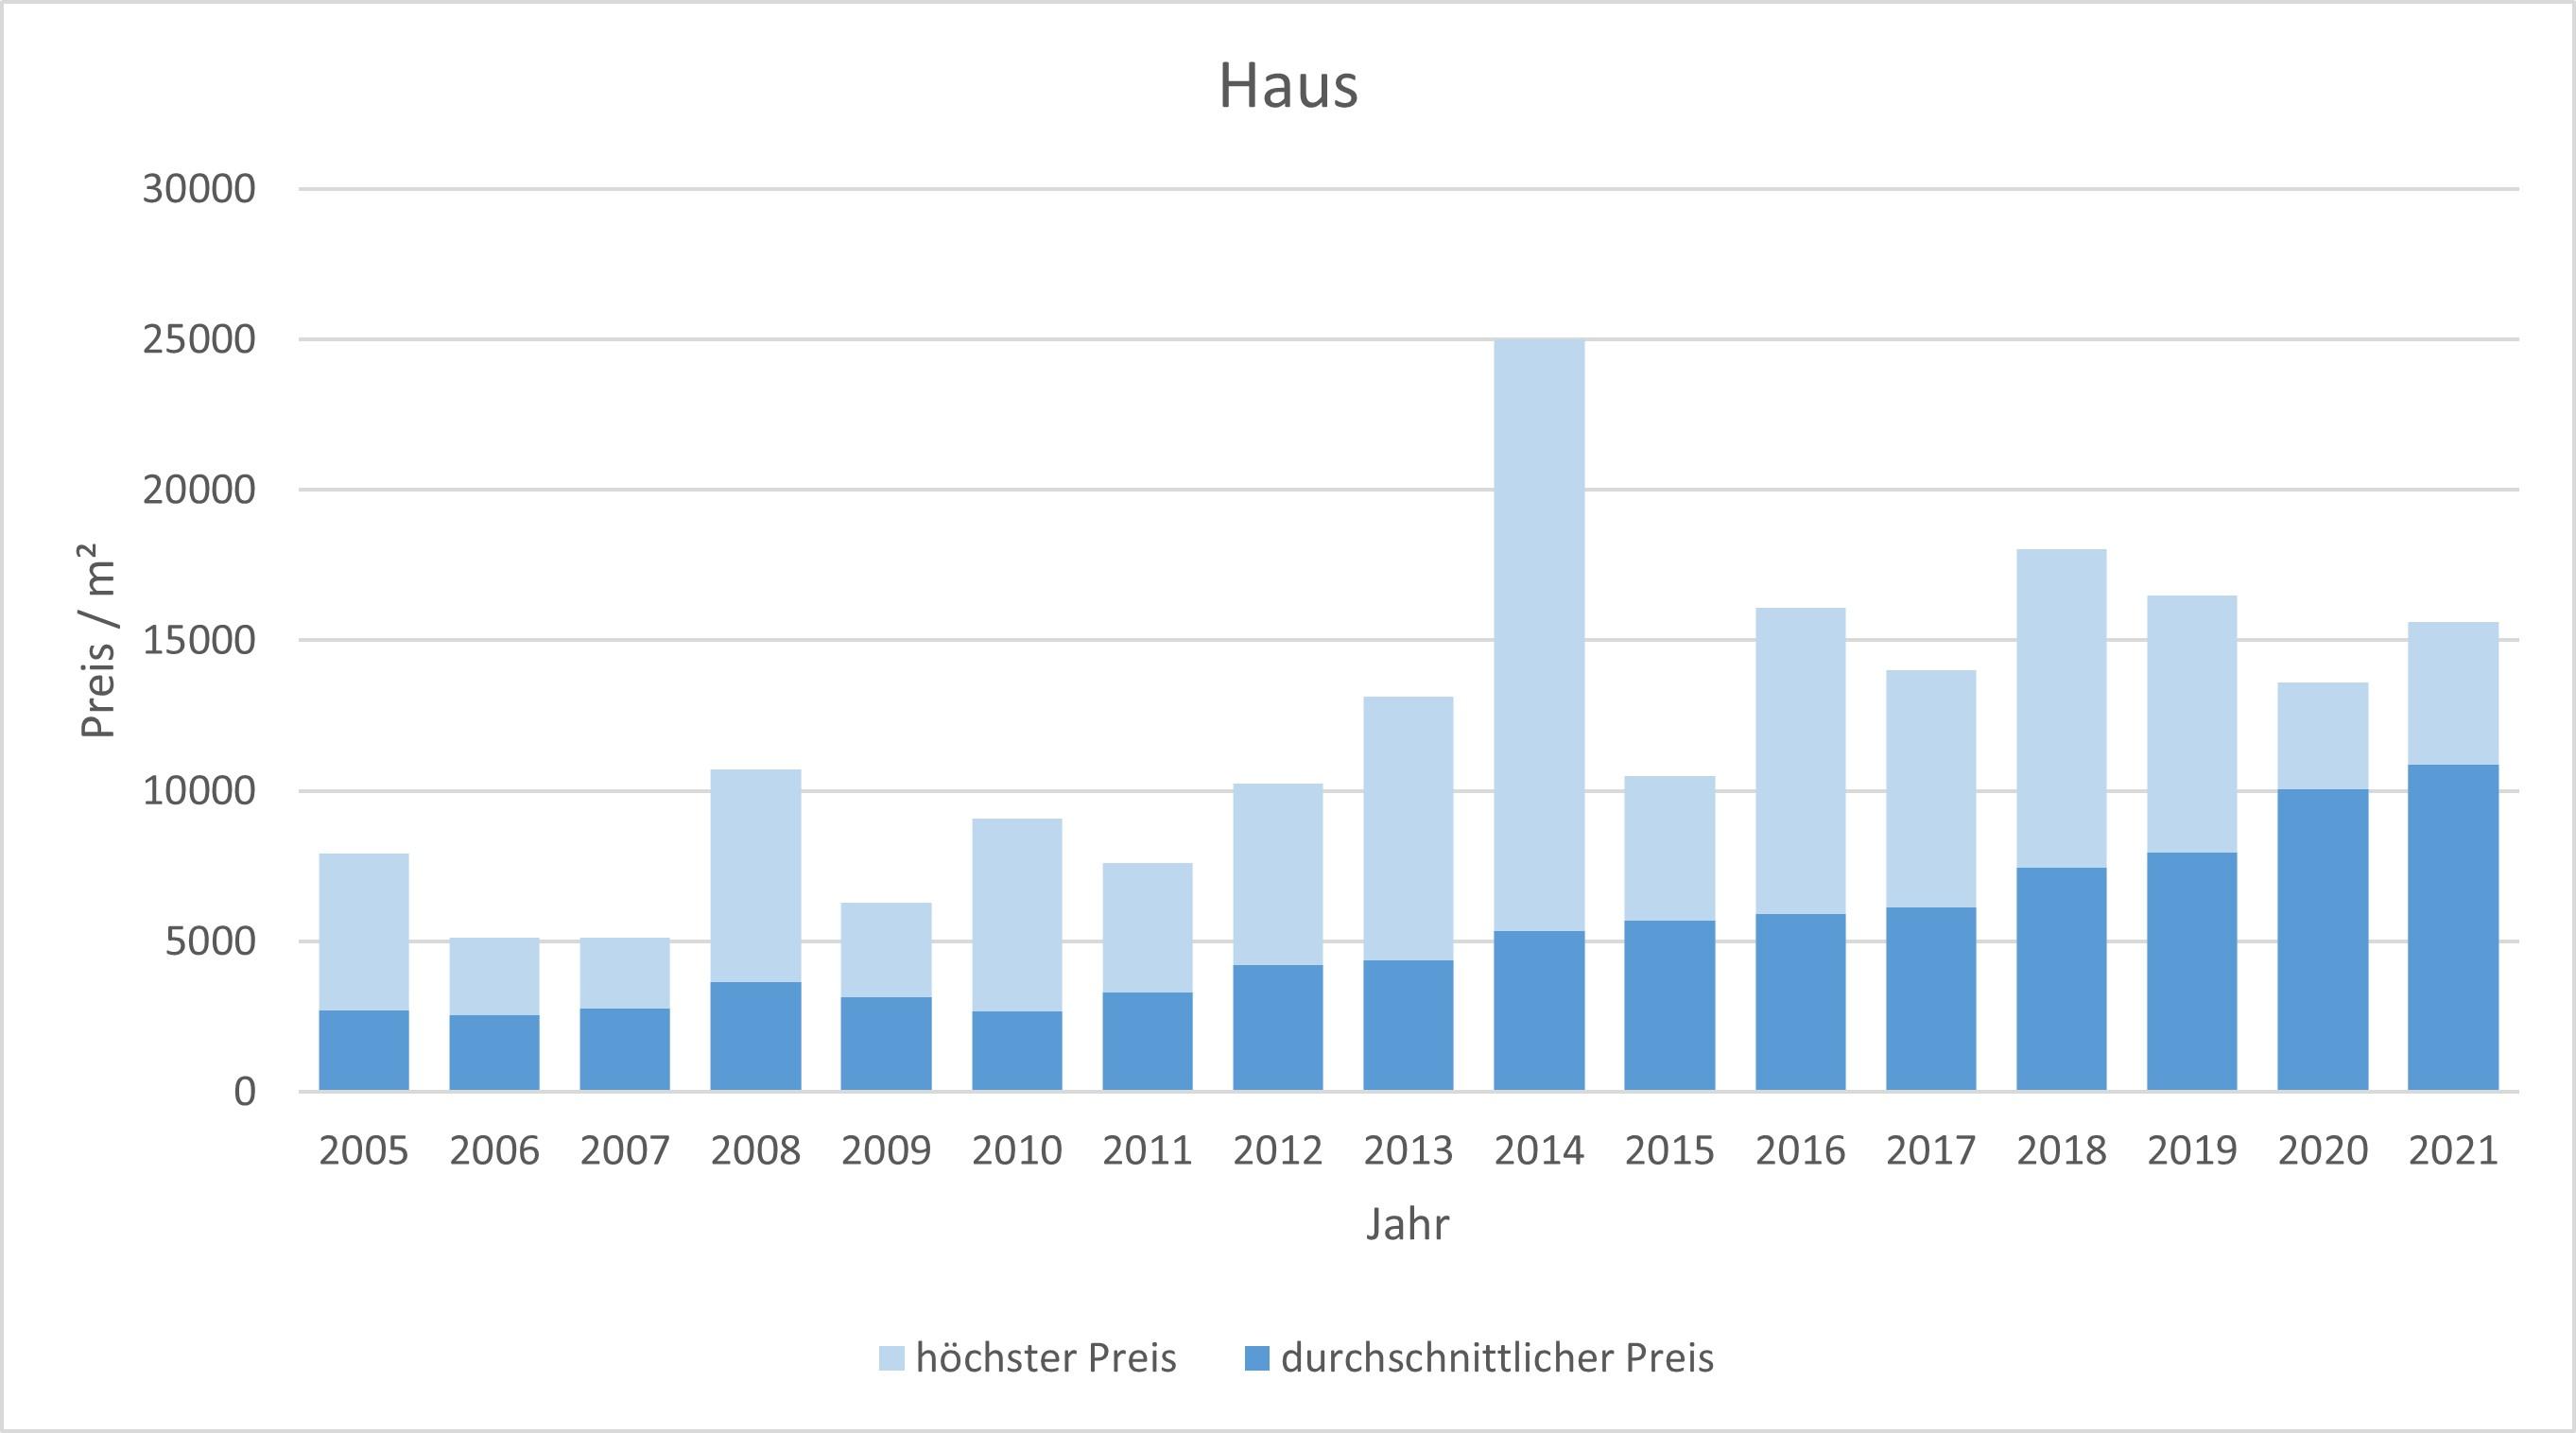 Bad Wiessee Makler Haus Kaufen Verkaufen Preis Bewertung 2019, 2020, 2021